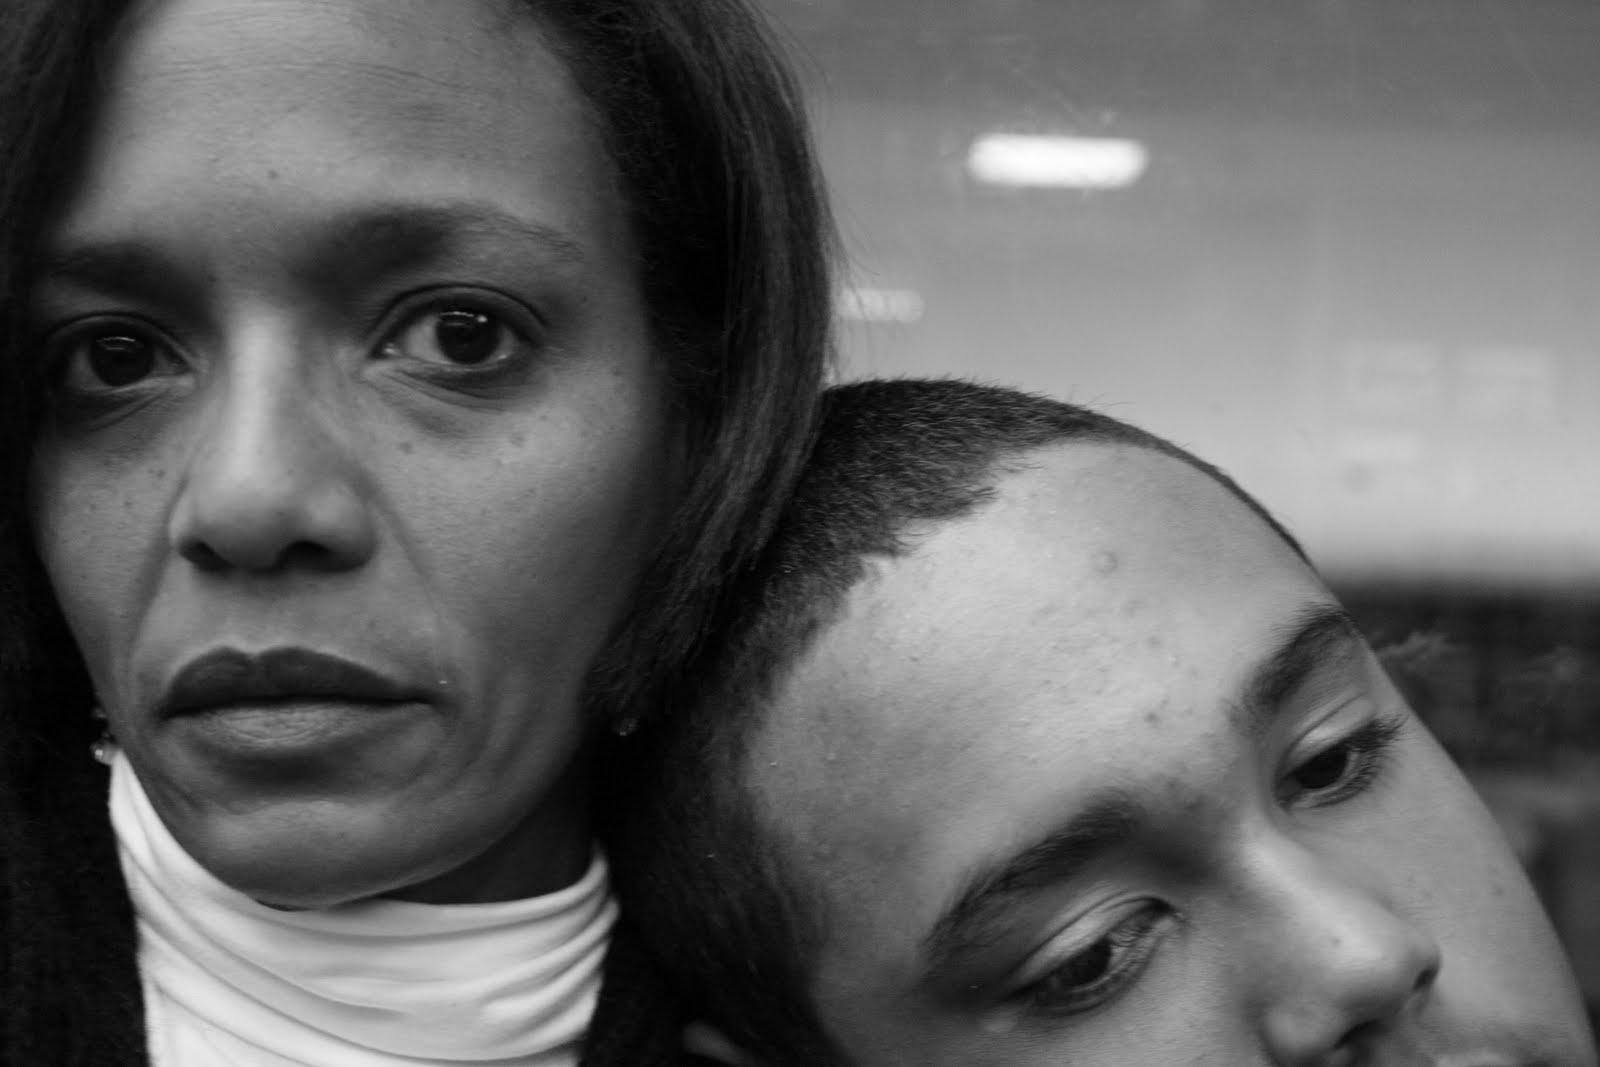 Erotic moms seducing sons